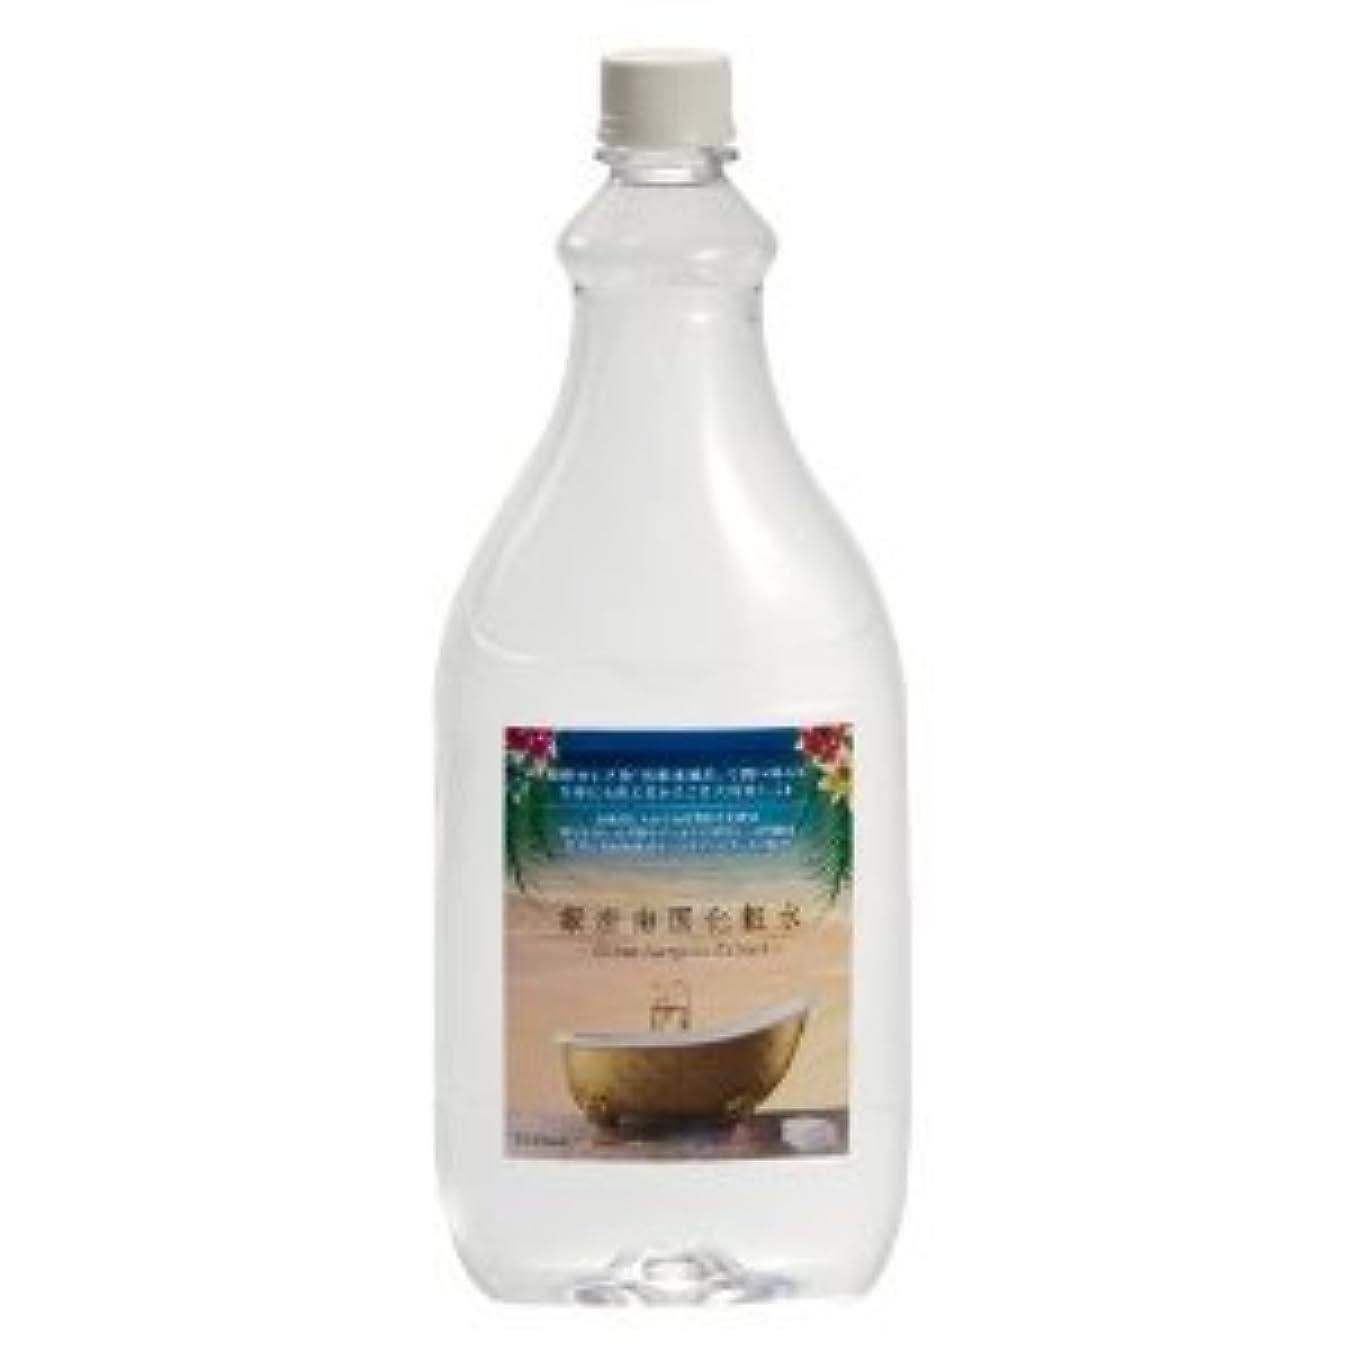 思春期の届ける文言銀座南国化粧水 (1000ml) スプレーボトル付きセット